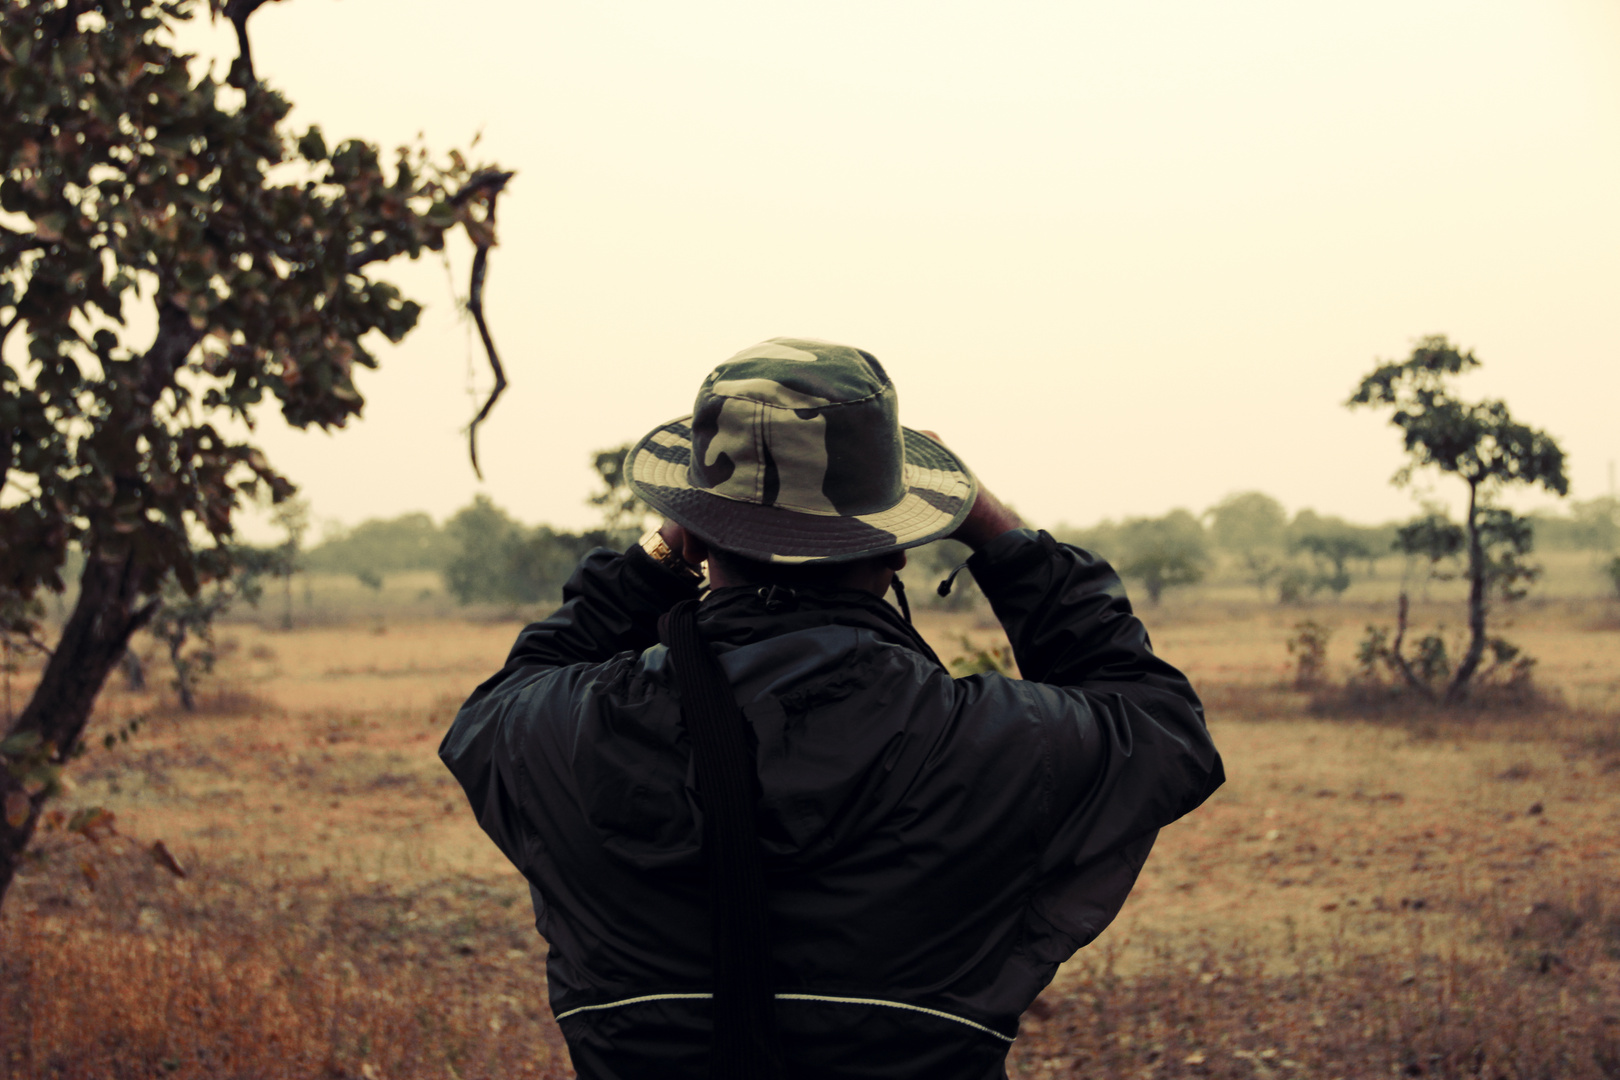 Die Suche nach dem Ziel in der gähnenden Leere